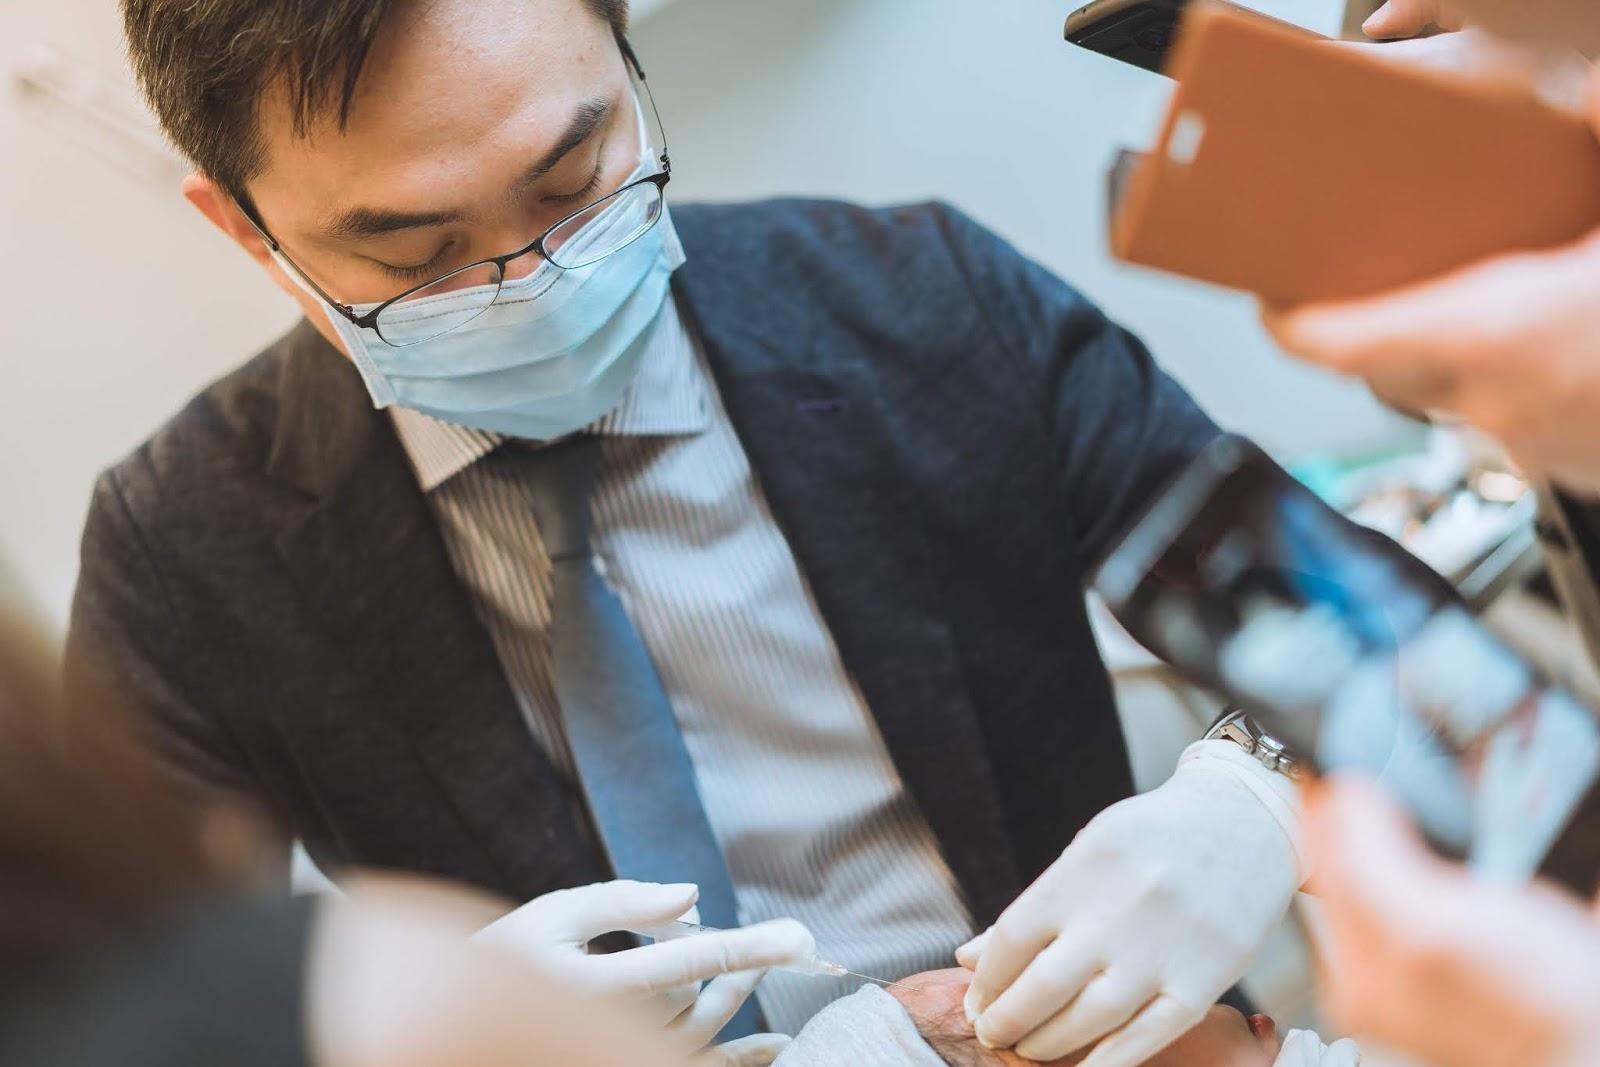 【舒顏萃】從評估到治療 每個環節都是藏著魔鬼 林亮辰醫師與新加坡醫師交流分享 - 林亮辰皮膚專科診所